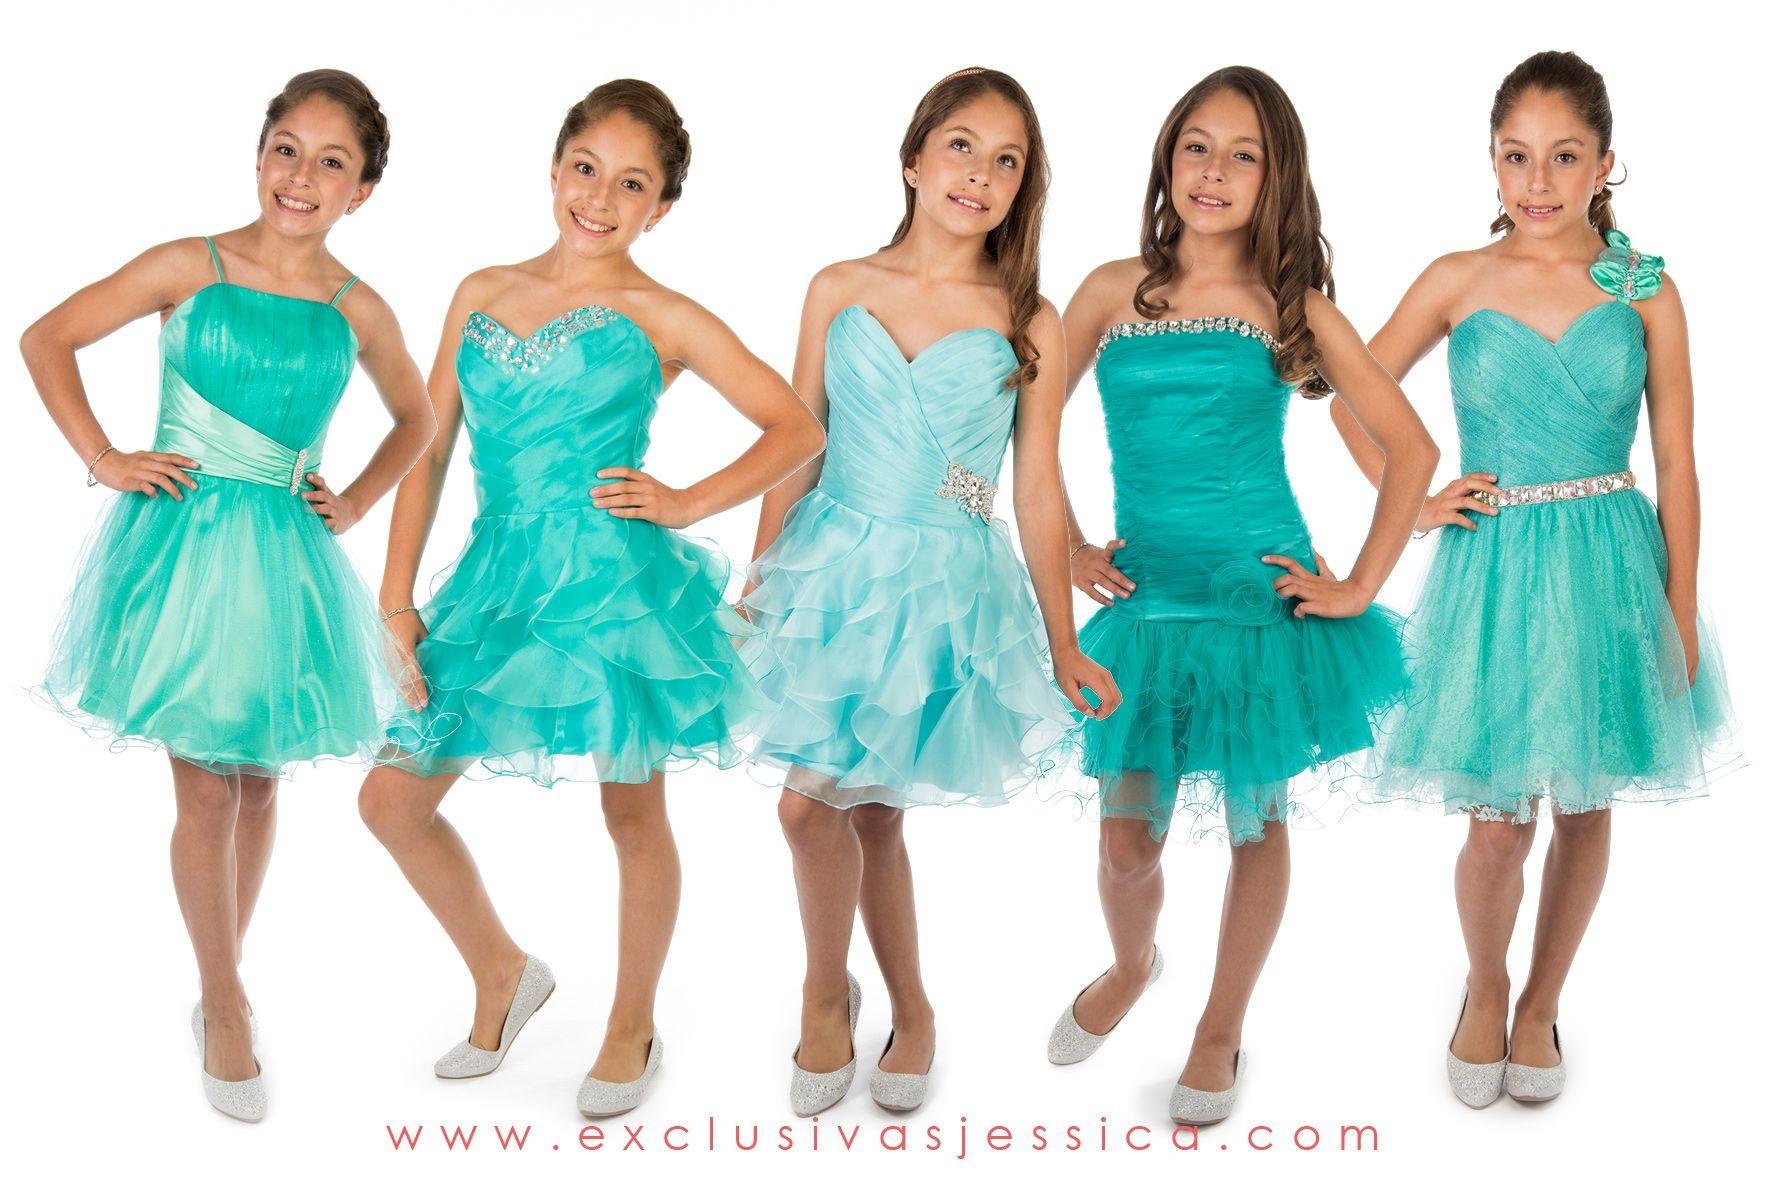 Imagenes de vestidos color verde agua para graduacion